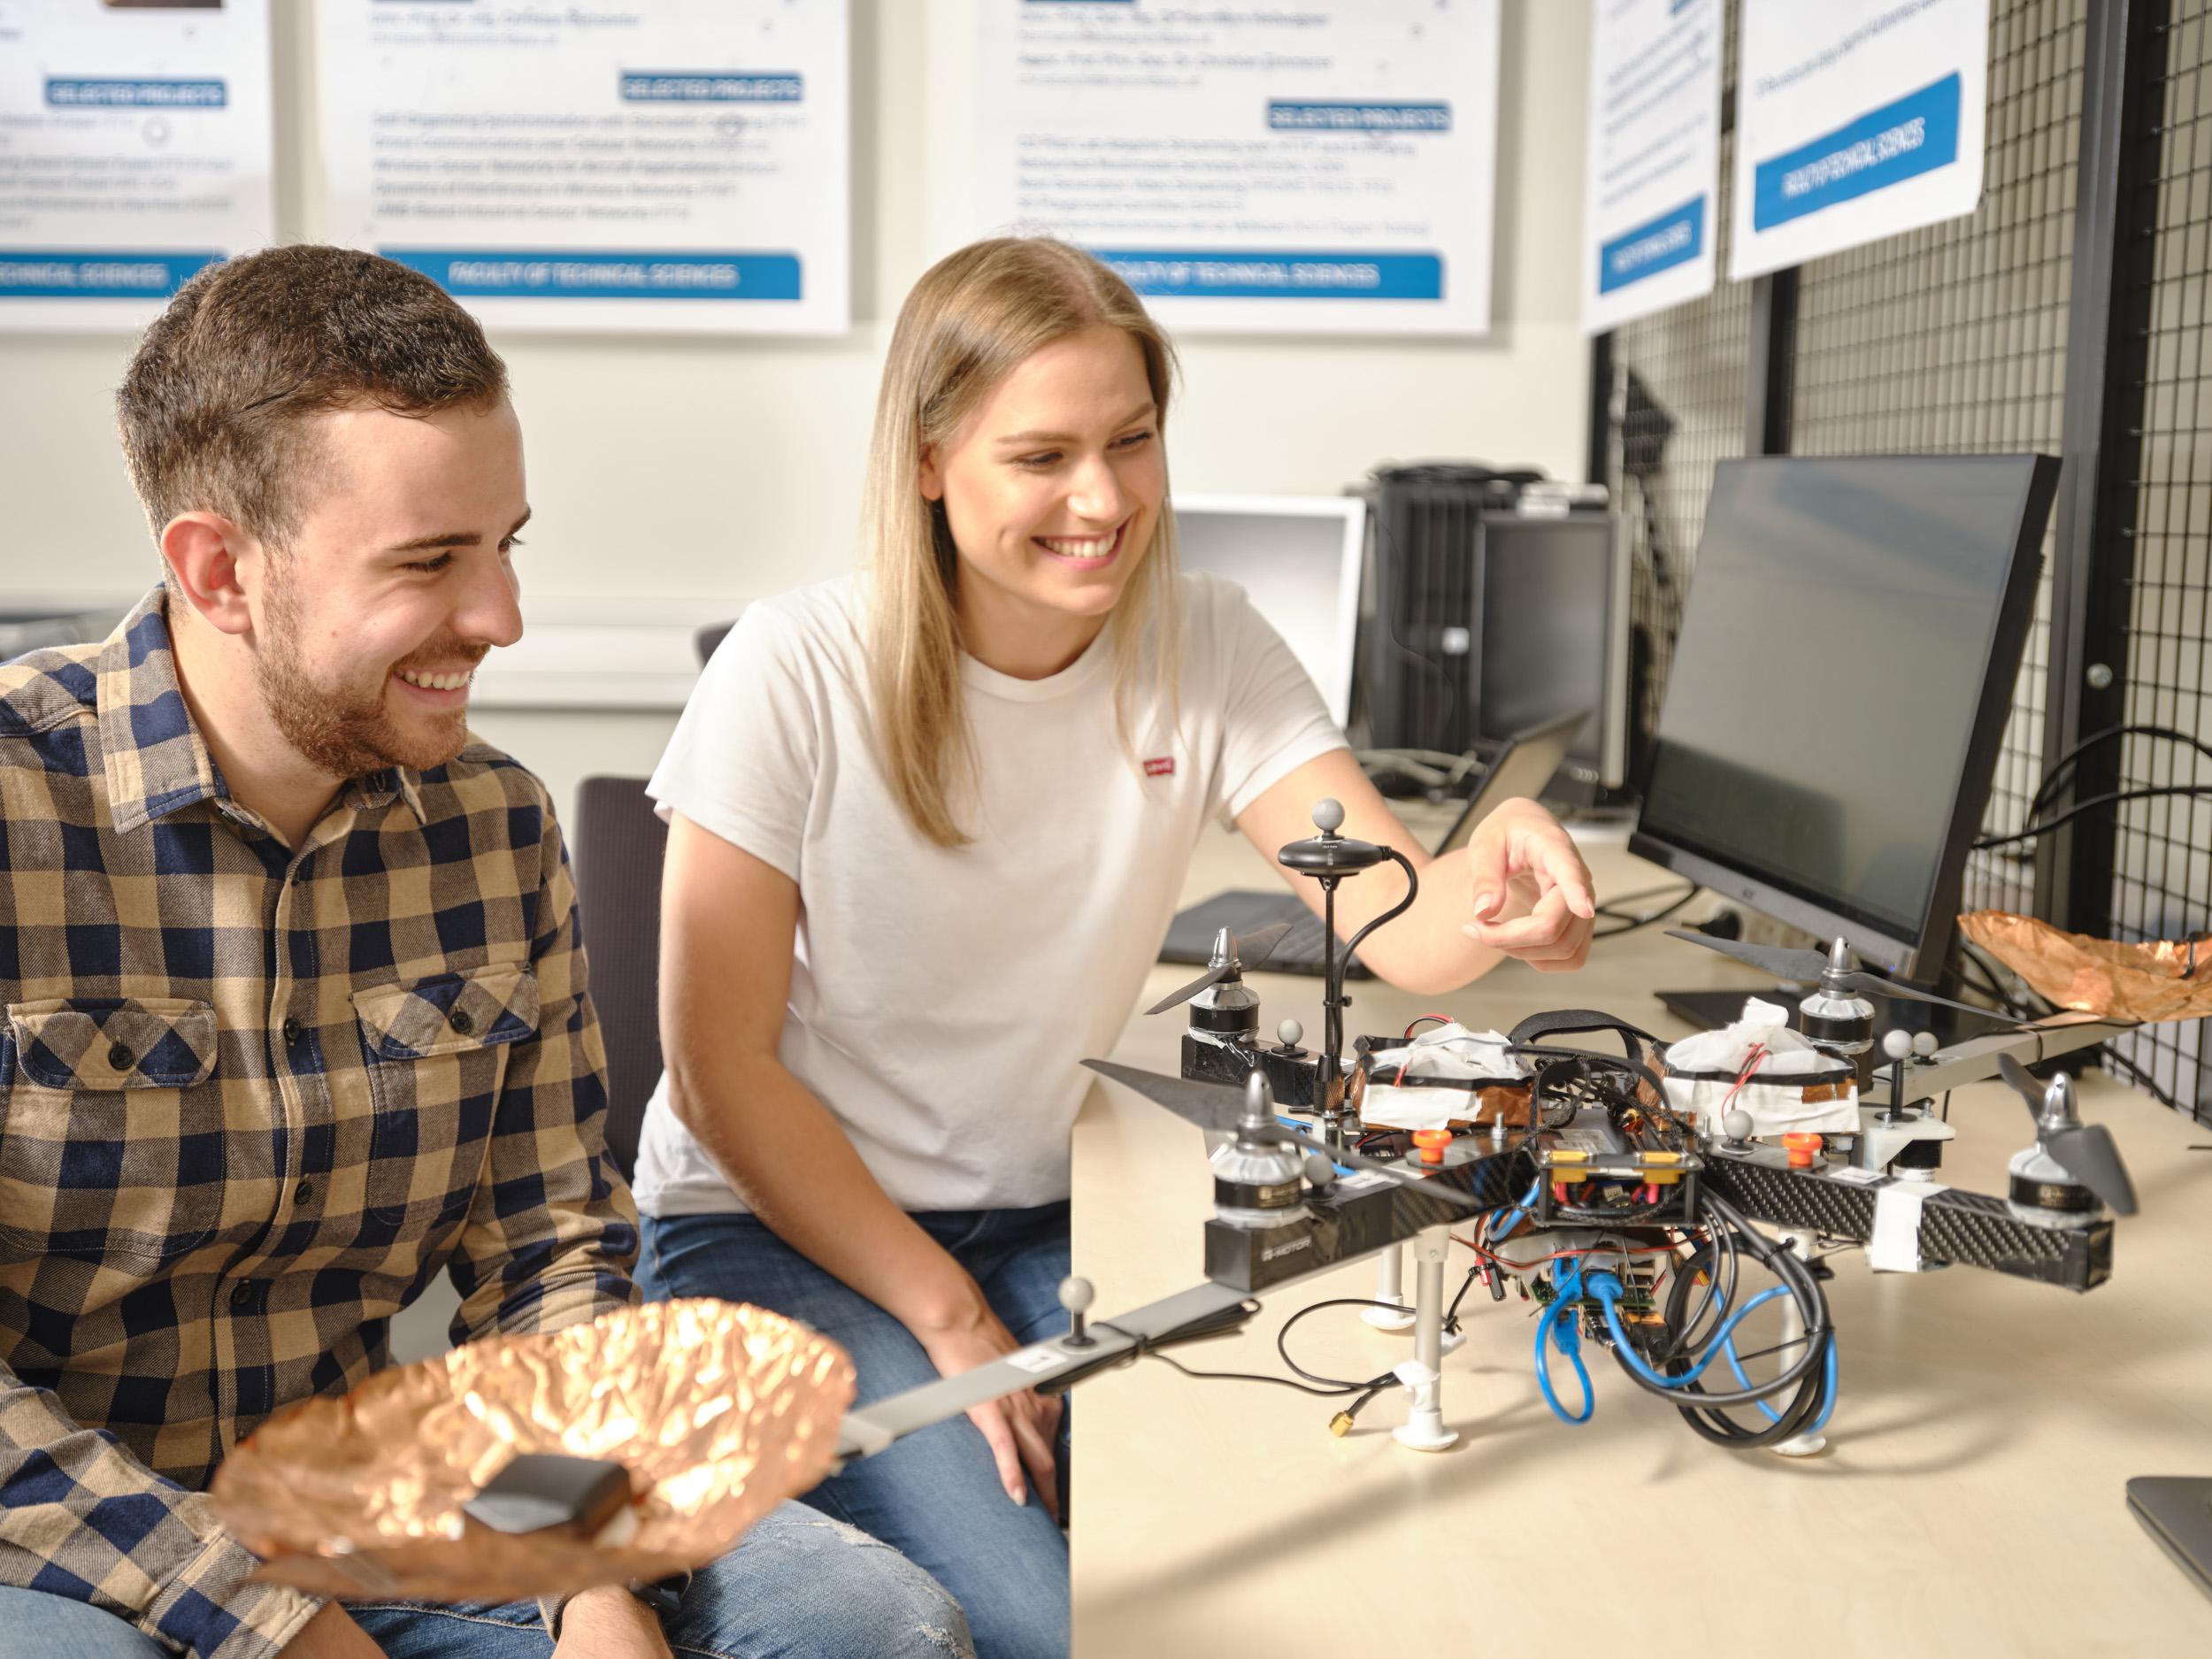 Studierende in der Drohnenflughalle | Foto: aau/Arnold Poeschl